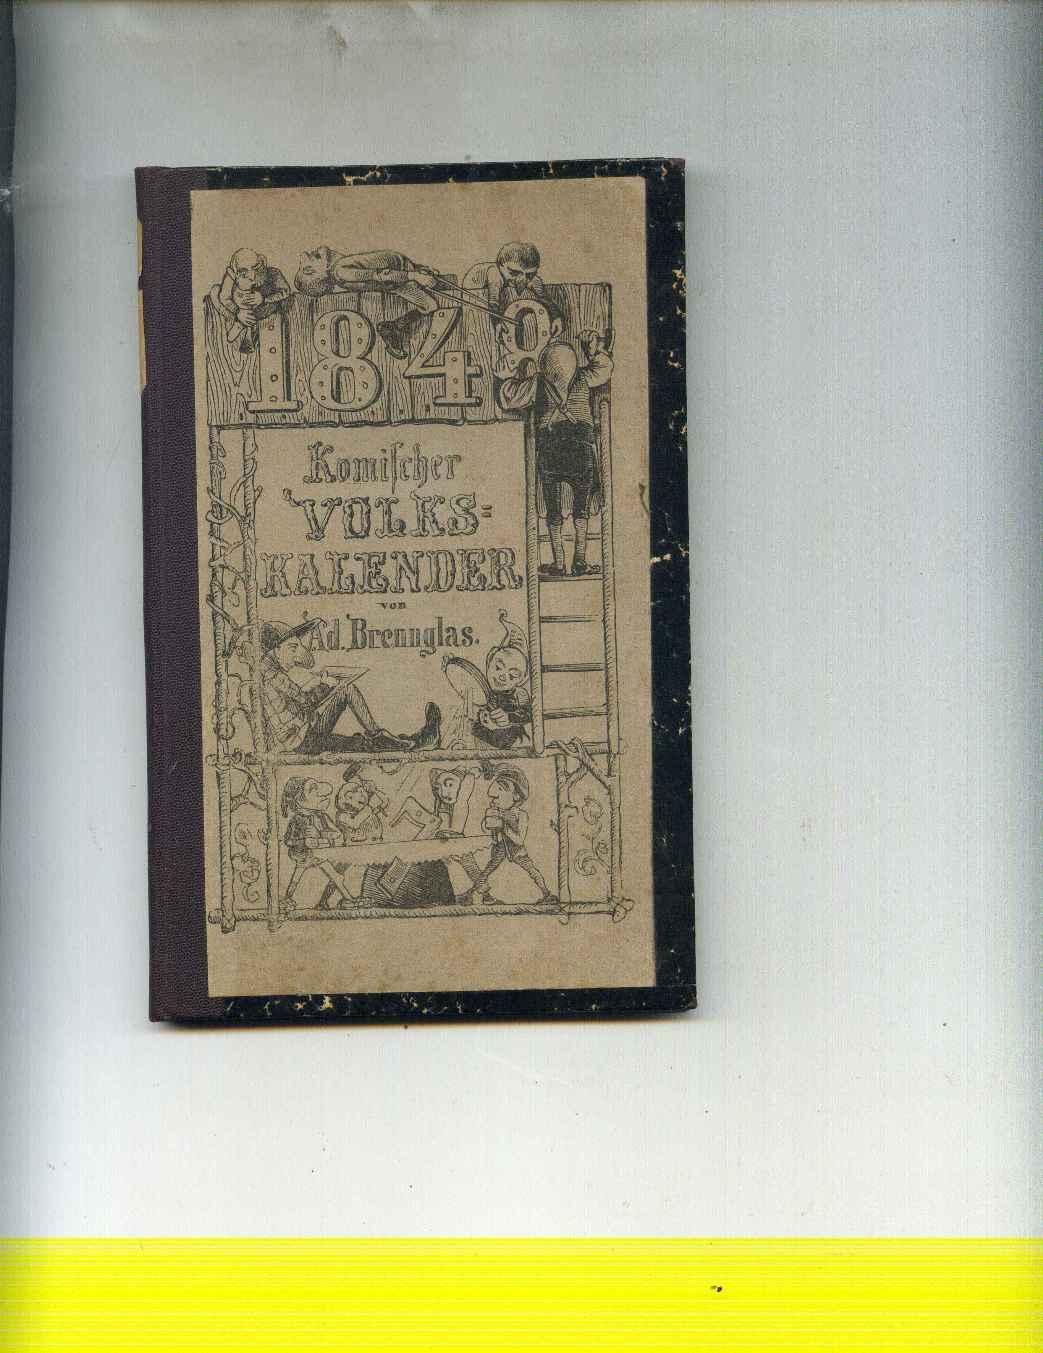 Komischer Volkskalender für 1848. Mit vielen Illustrationen.: Brennglas, Adolf (